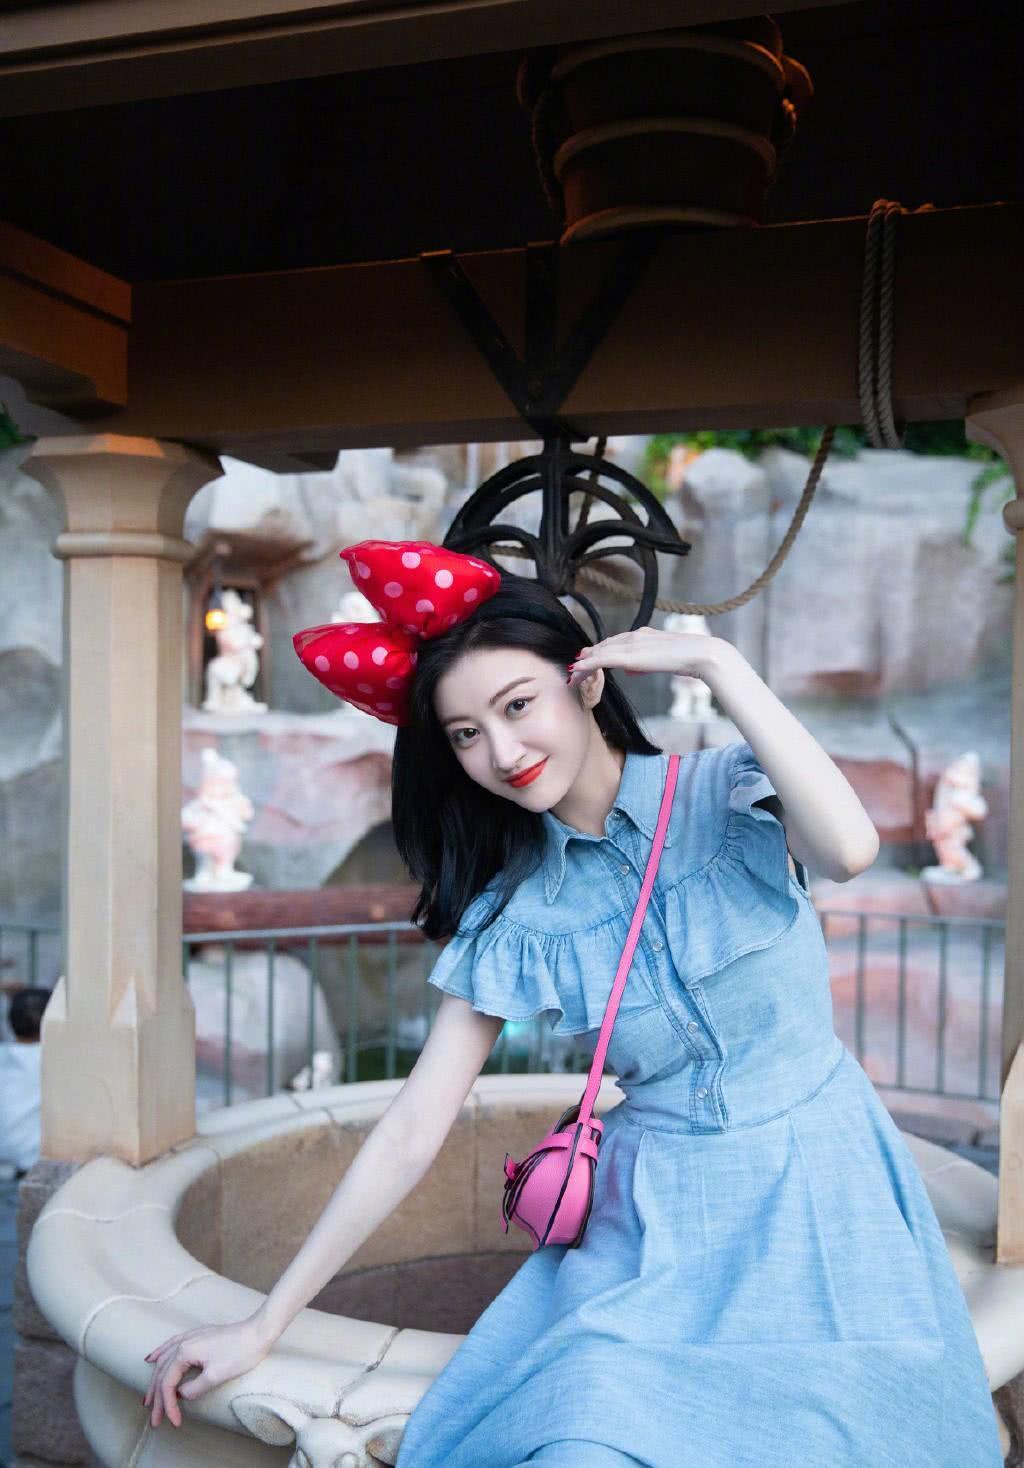 景甜私服太减龄了,蓝色牛仔裙配米老鼠发卡,肤白貌美似16岁